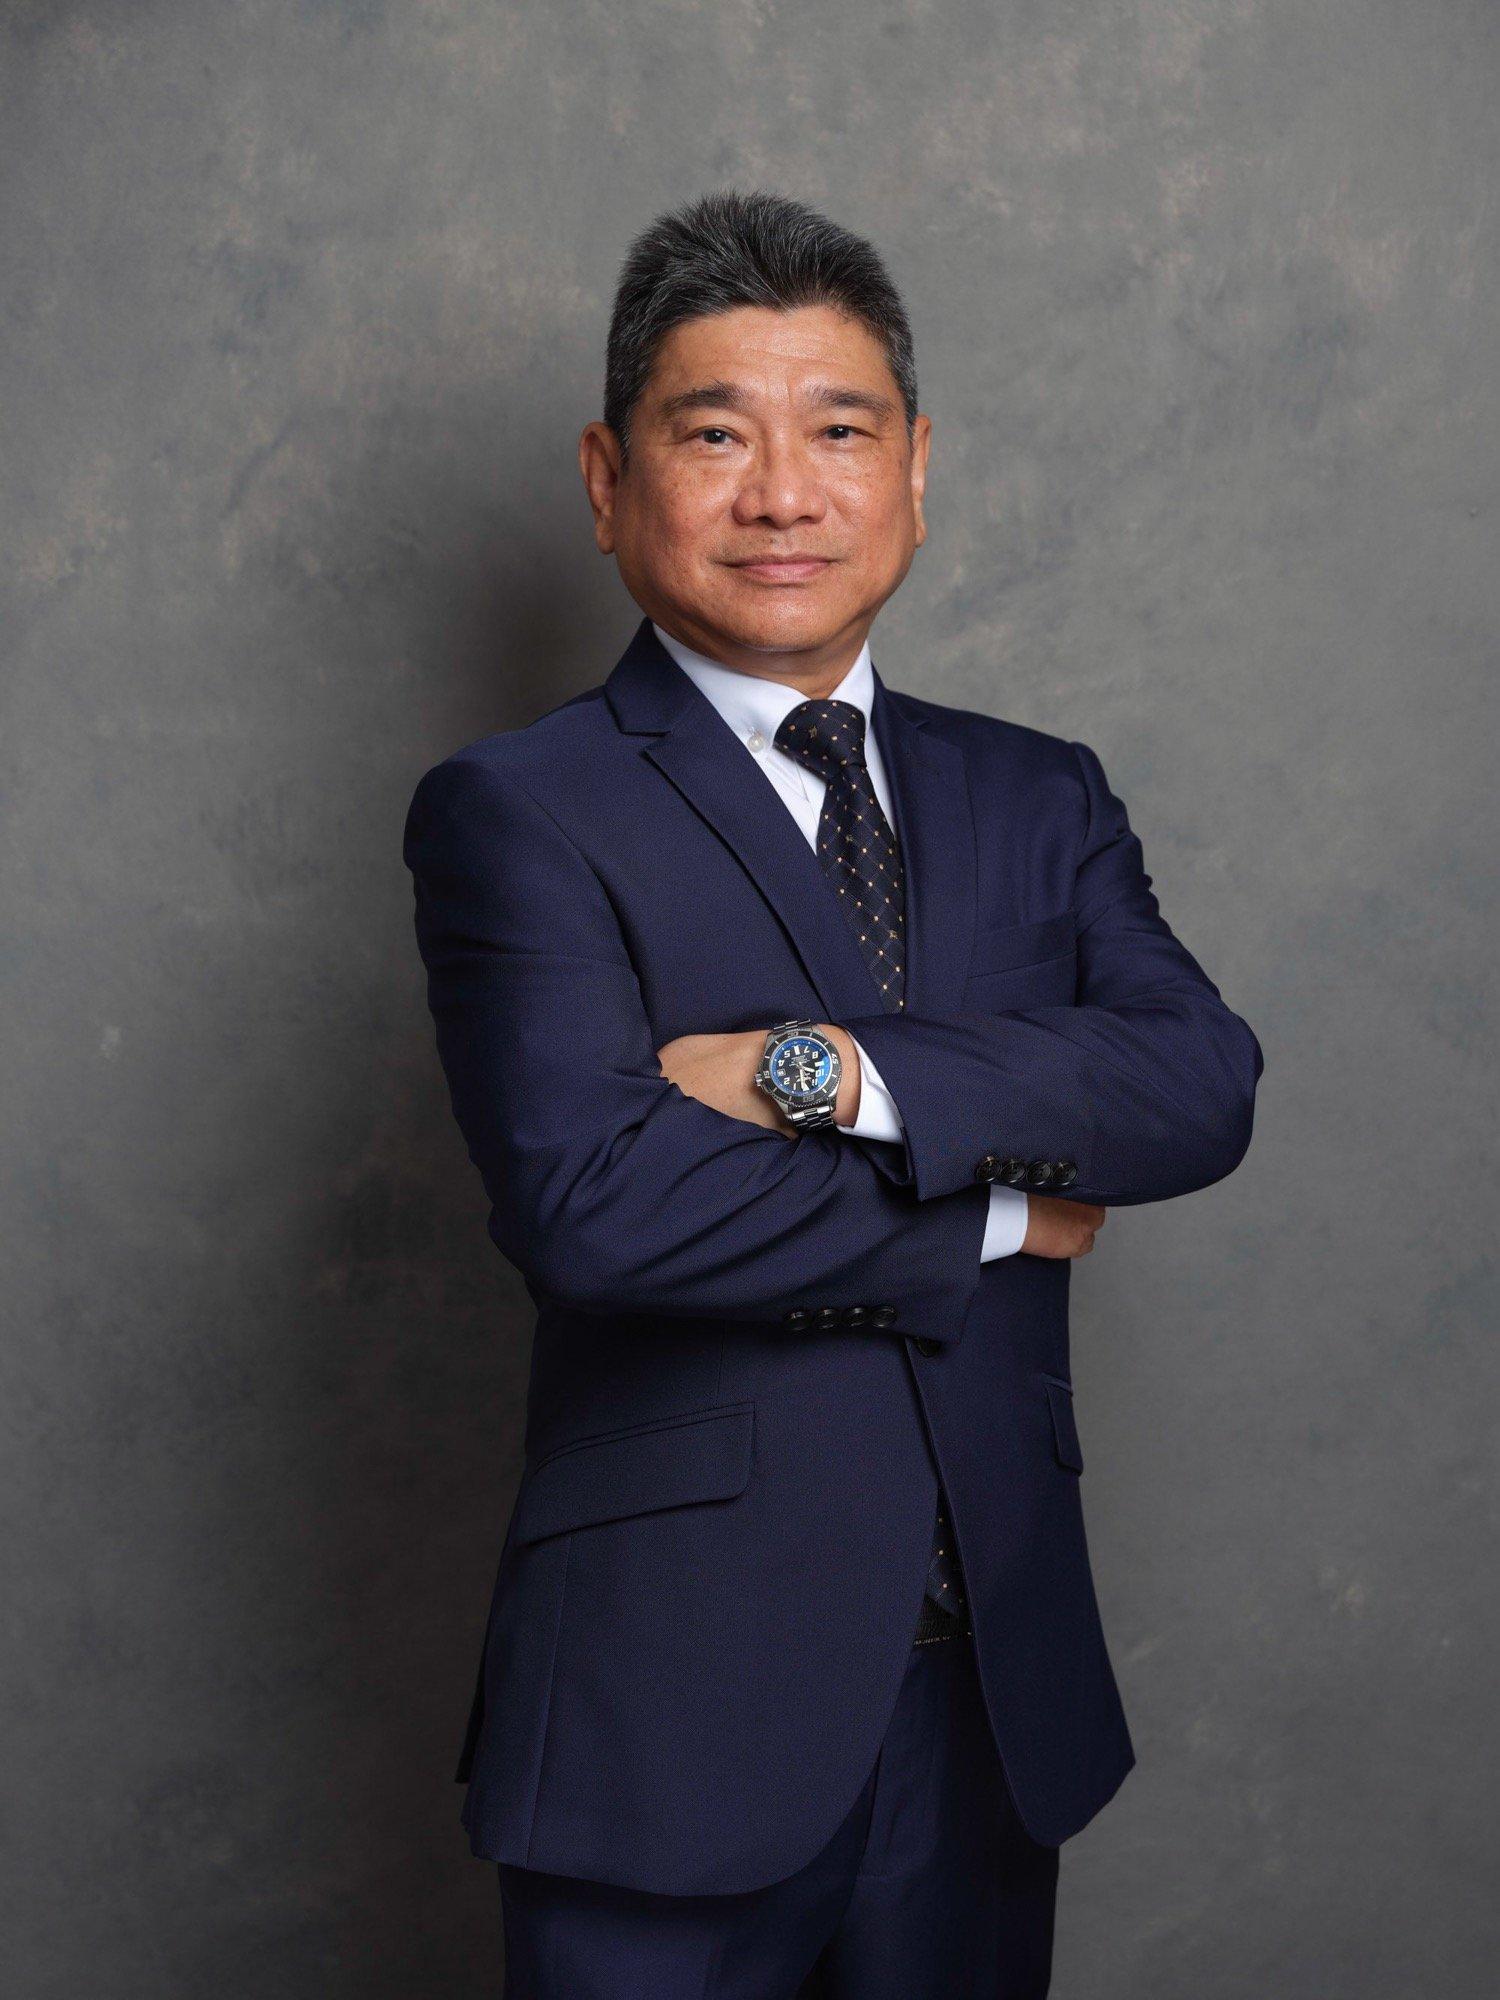 Headshot Session Portrait Photography Singapore Jose Jeuland 28